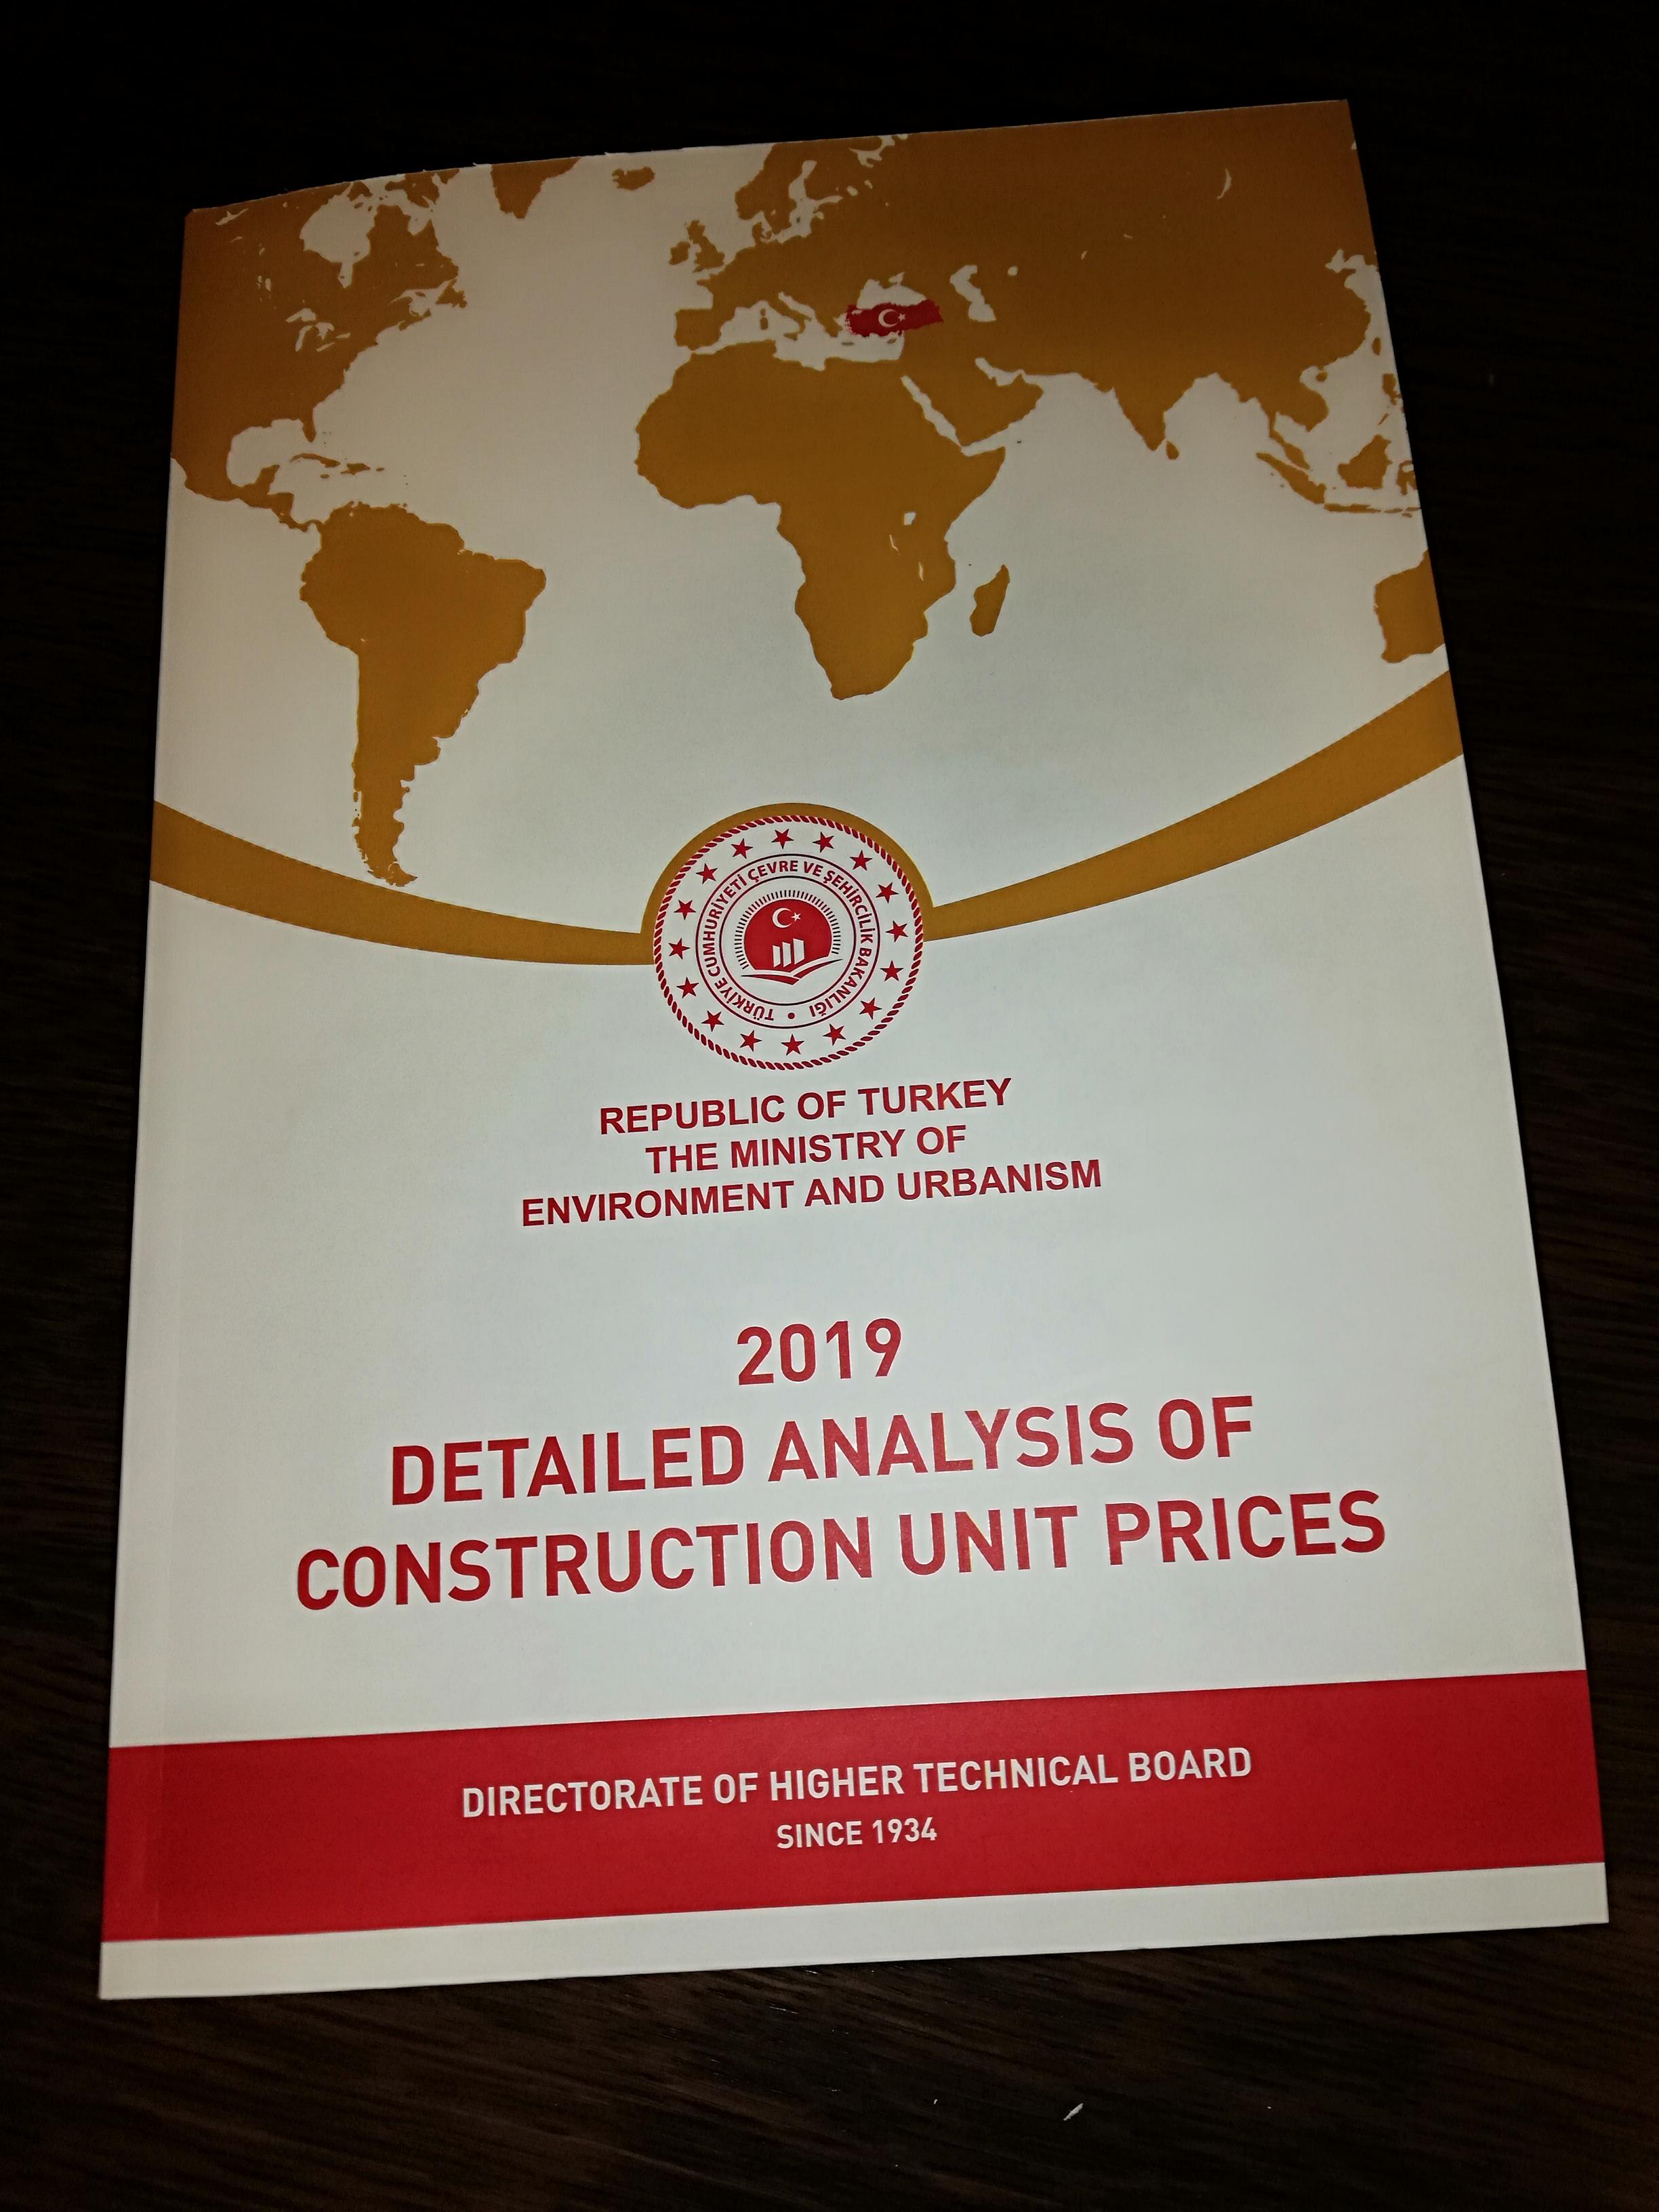 2019 Yılı İnşşat ve Tesisat Birim Fiyatları ile İnşaat Genel Fiyat Analizleri Satışa Sunulmuştur